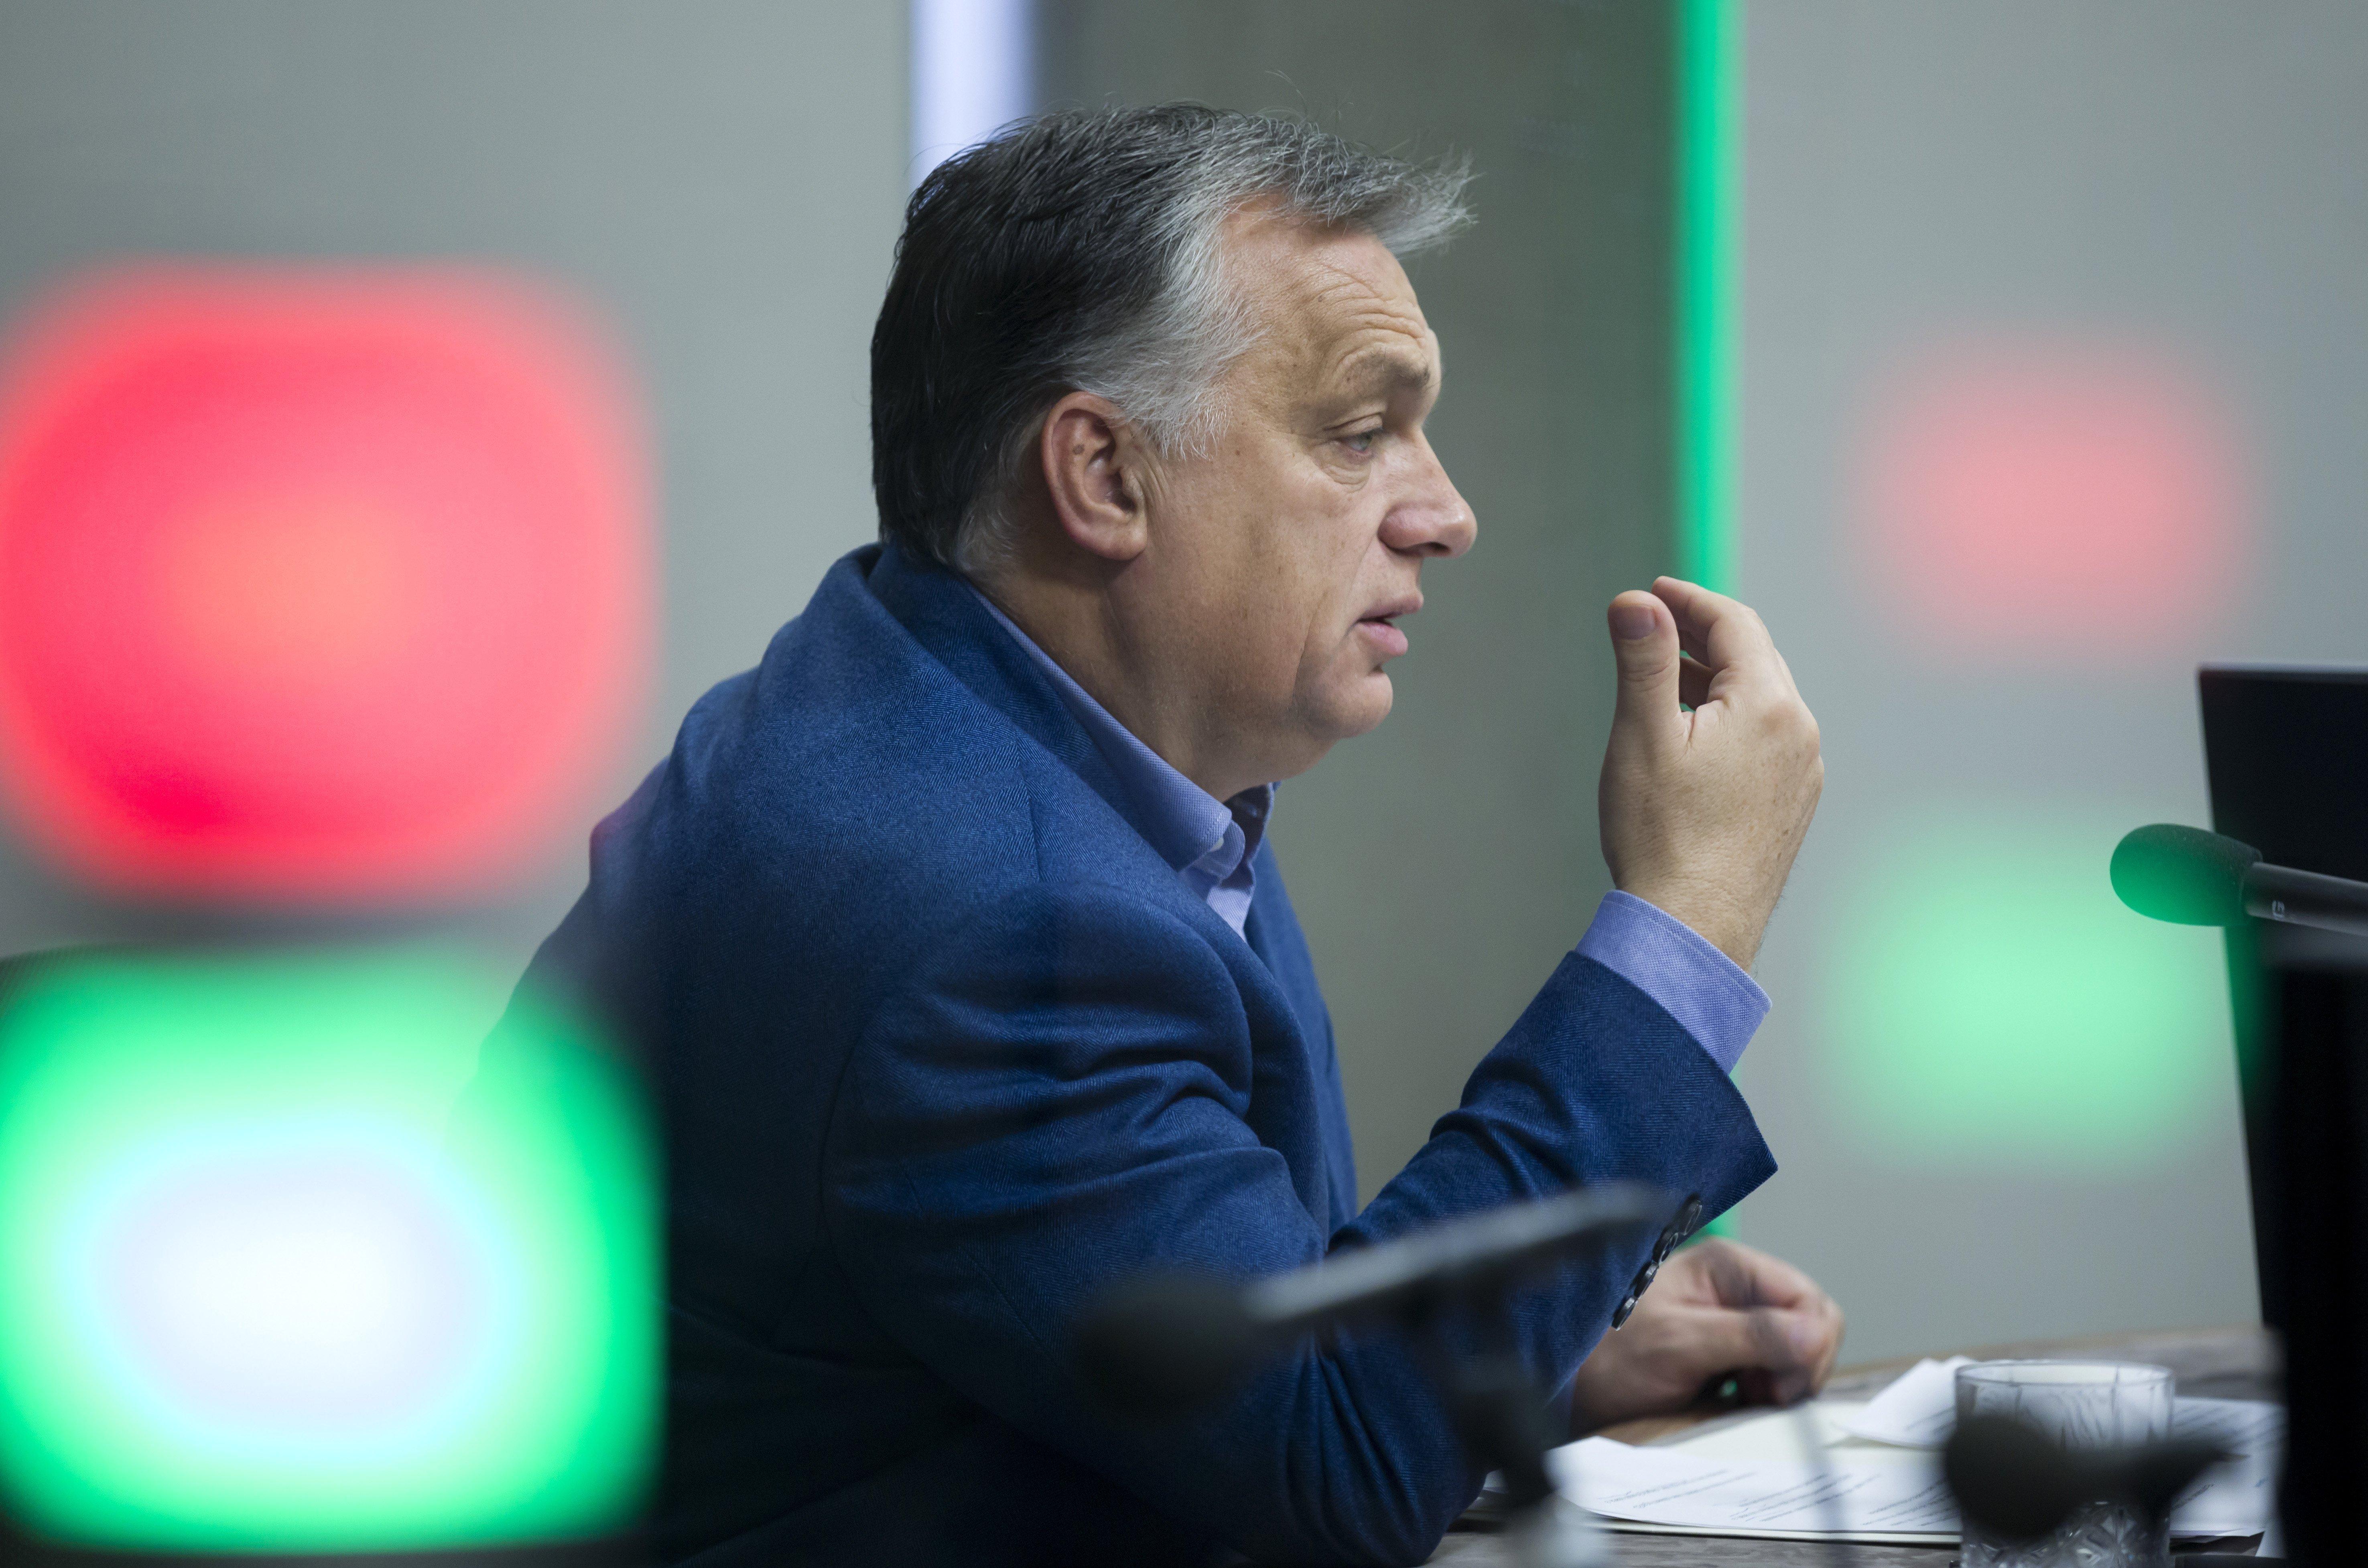 Orbán a kórházi ágyak felszabadításáról: Egy nagy katonai jellegű akció kellős közepén vagyunk, ami okoz kényelmetlenséget